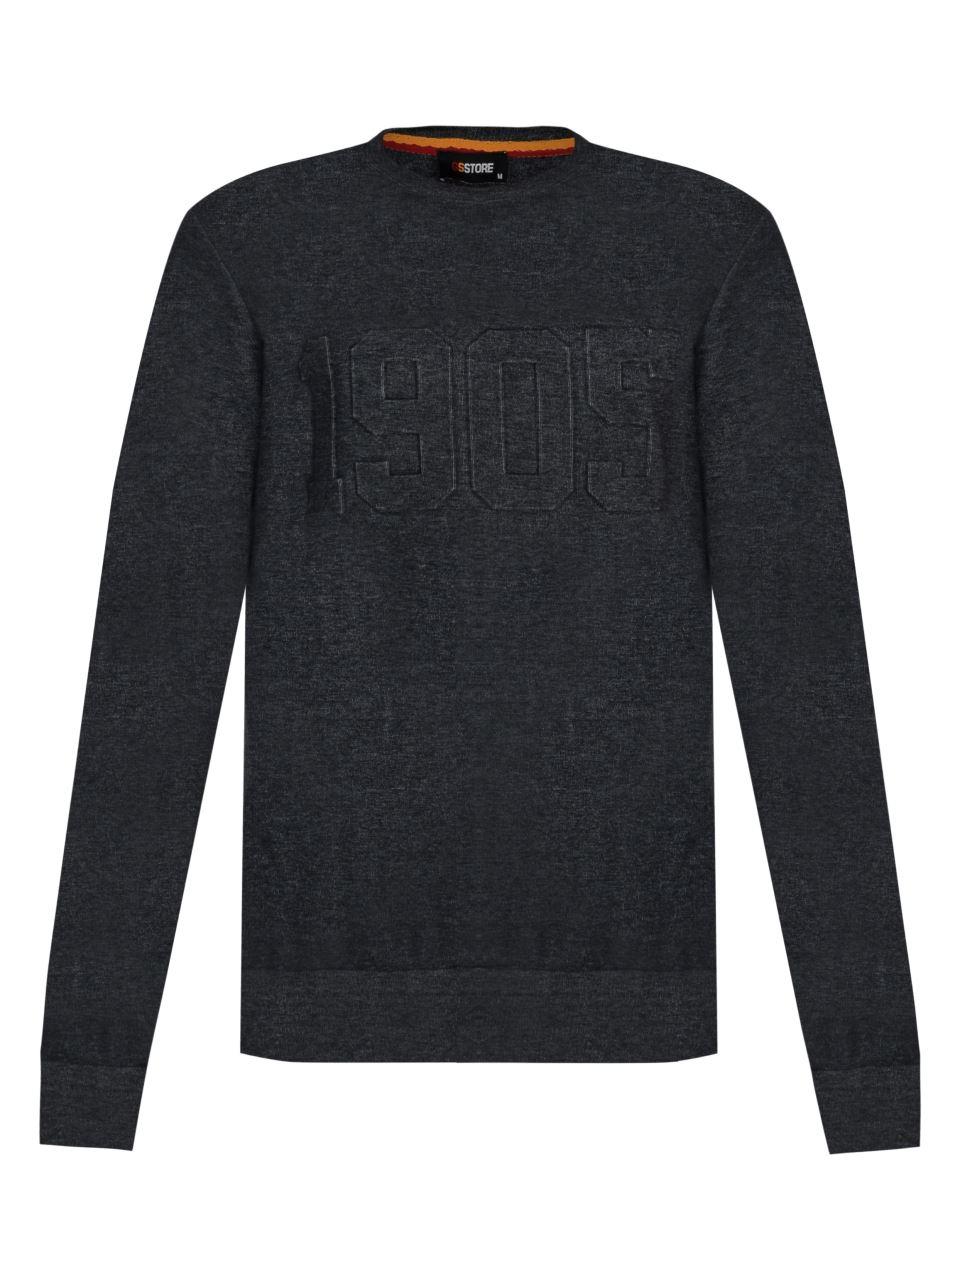 E85162 Sweatshirt